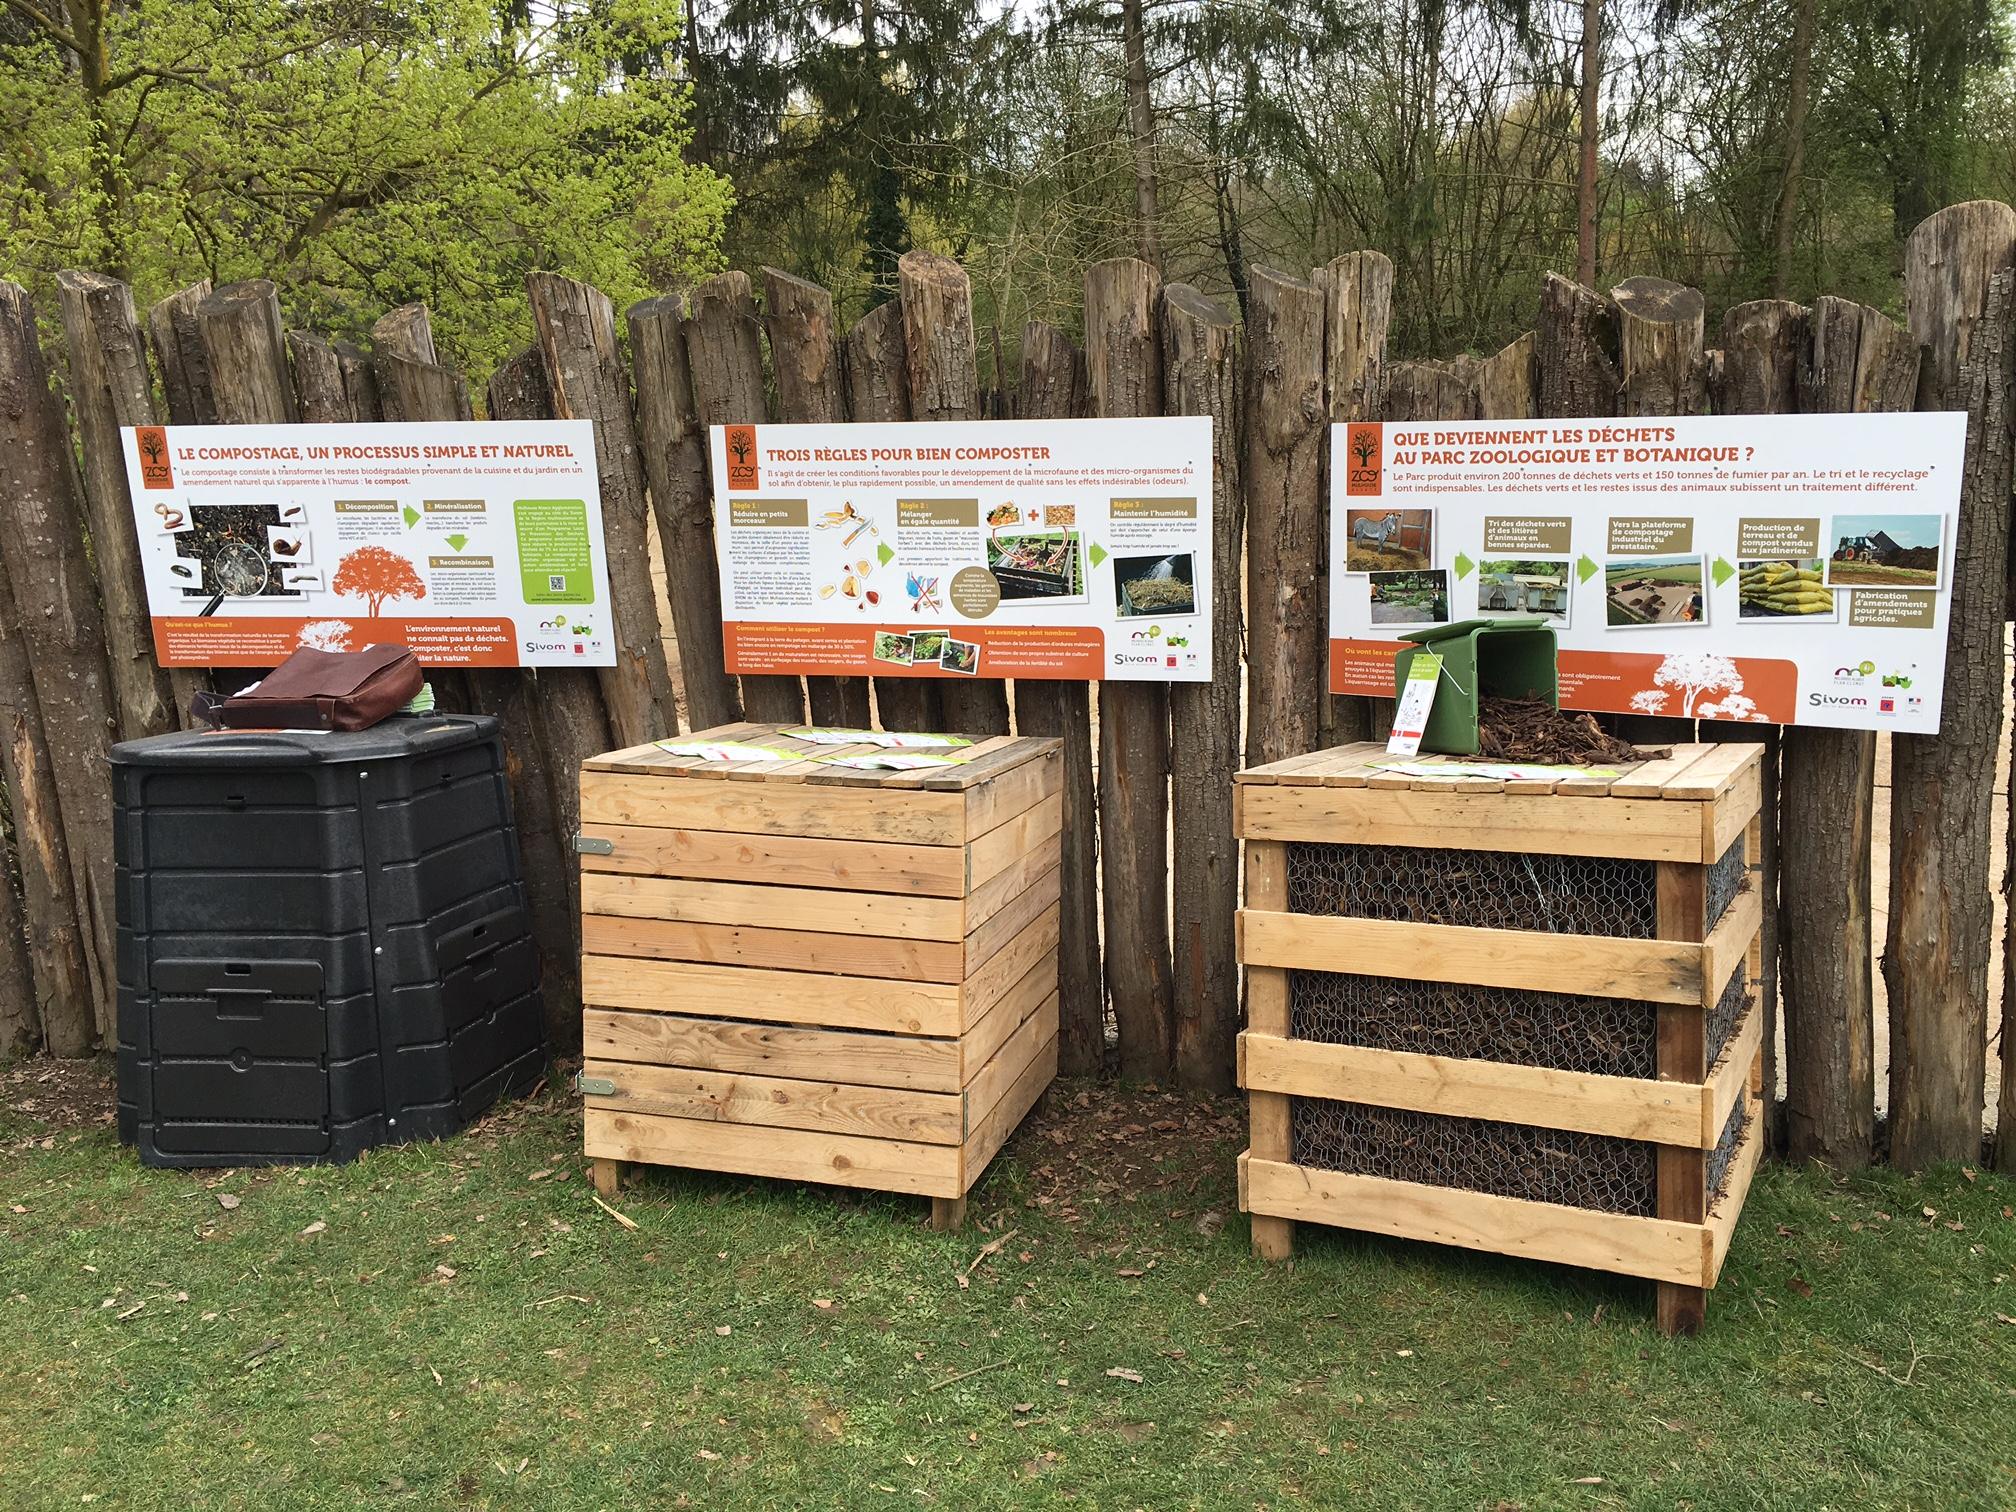 compostage et jardinage plp mulhouse. Black Bedroom Furniture Sets. Home Design Ideas